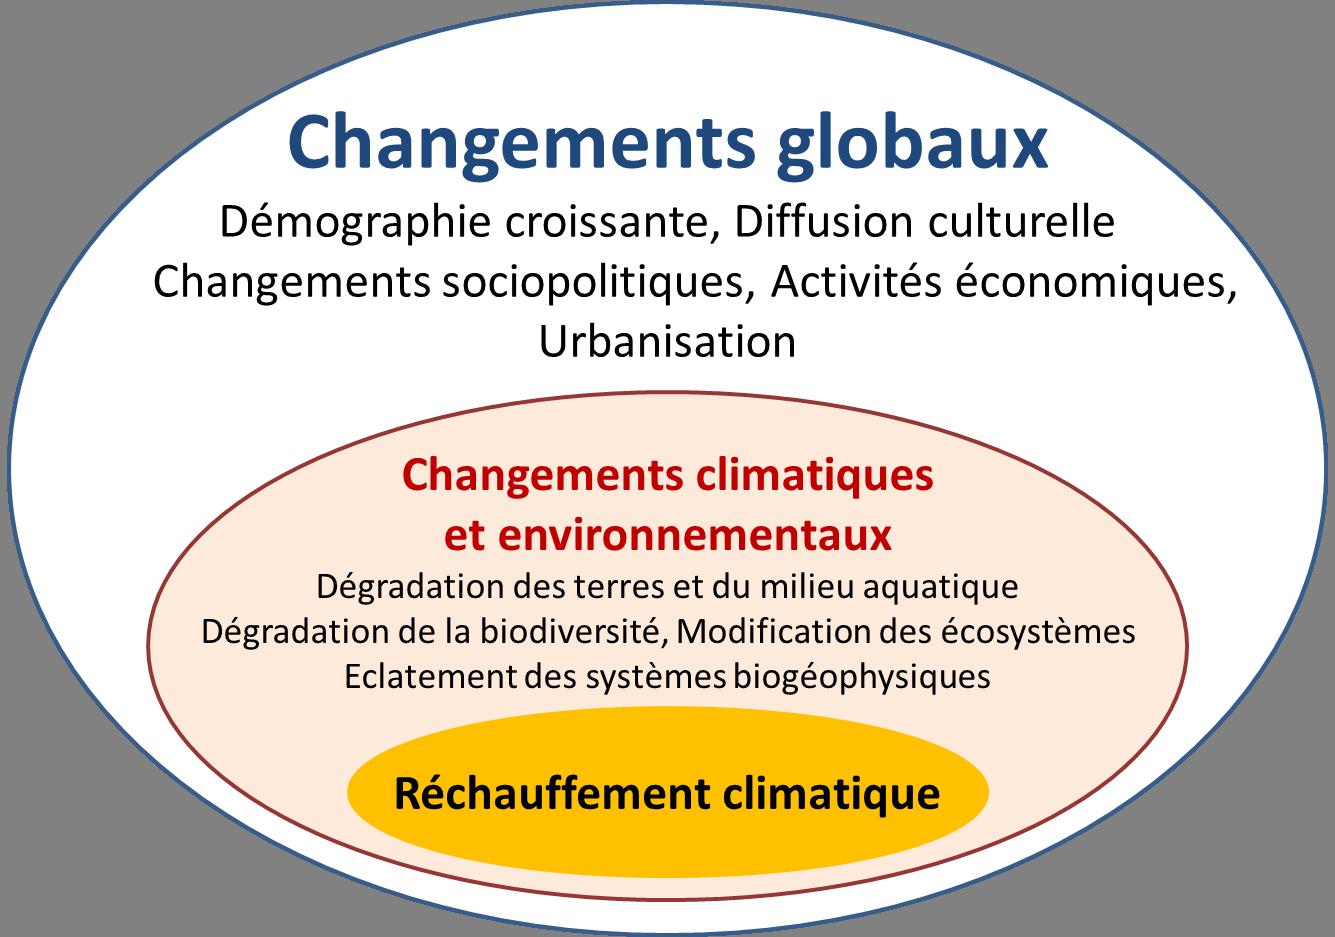 Quel est l'impact de l'entreprise sur l'environnement ?